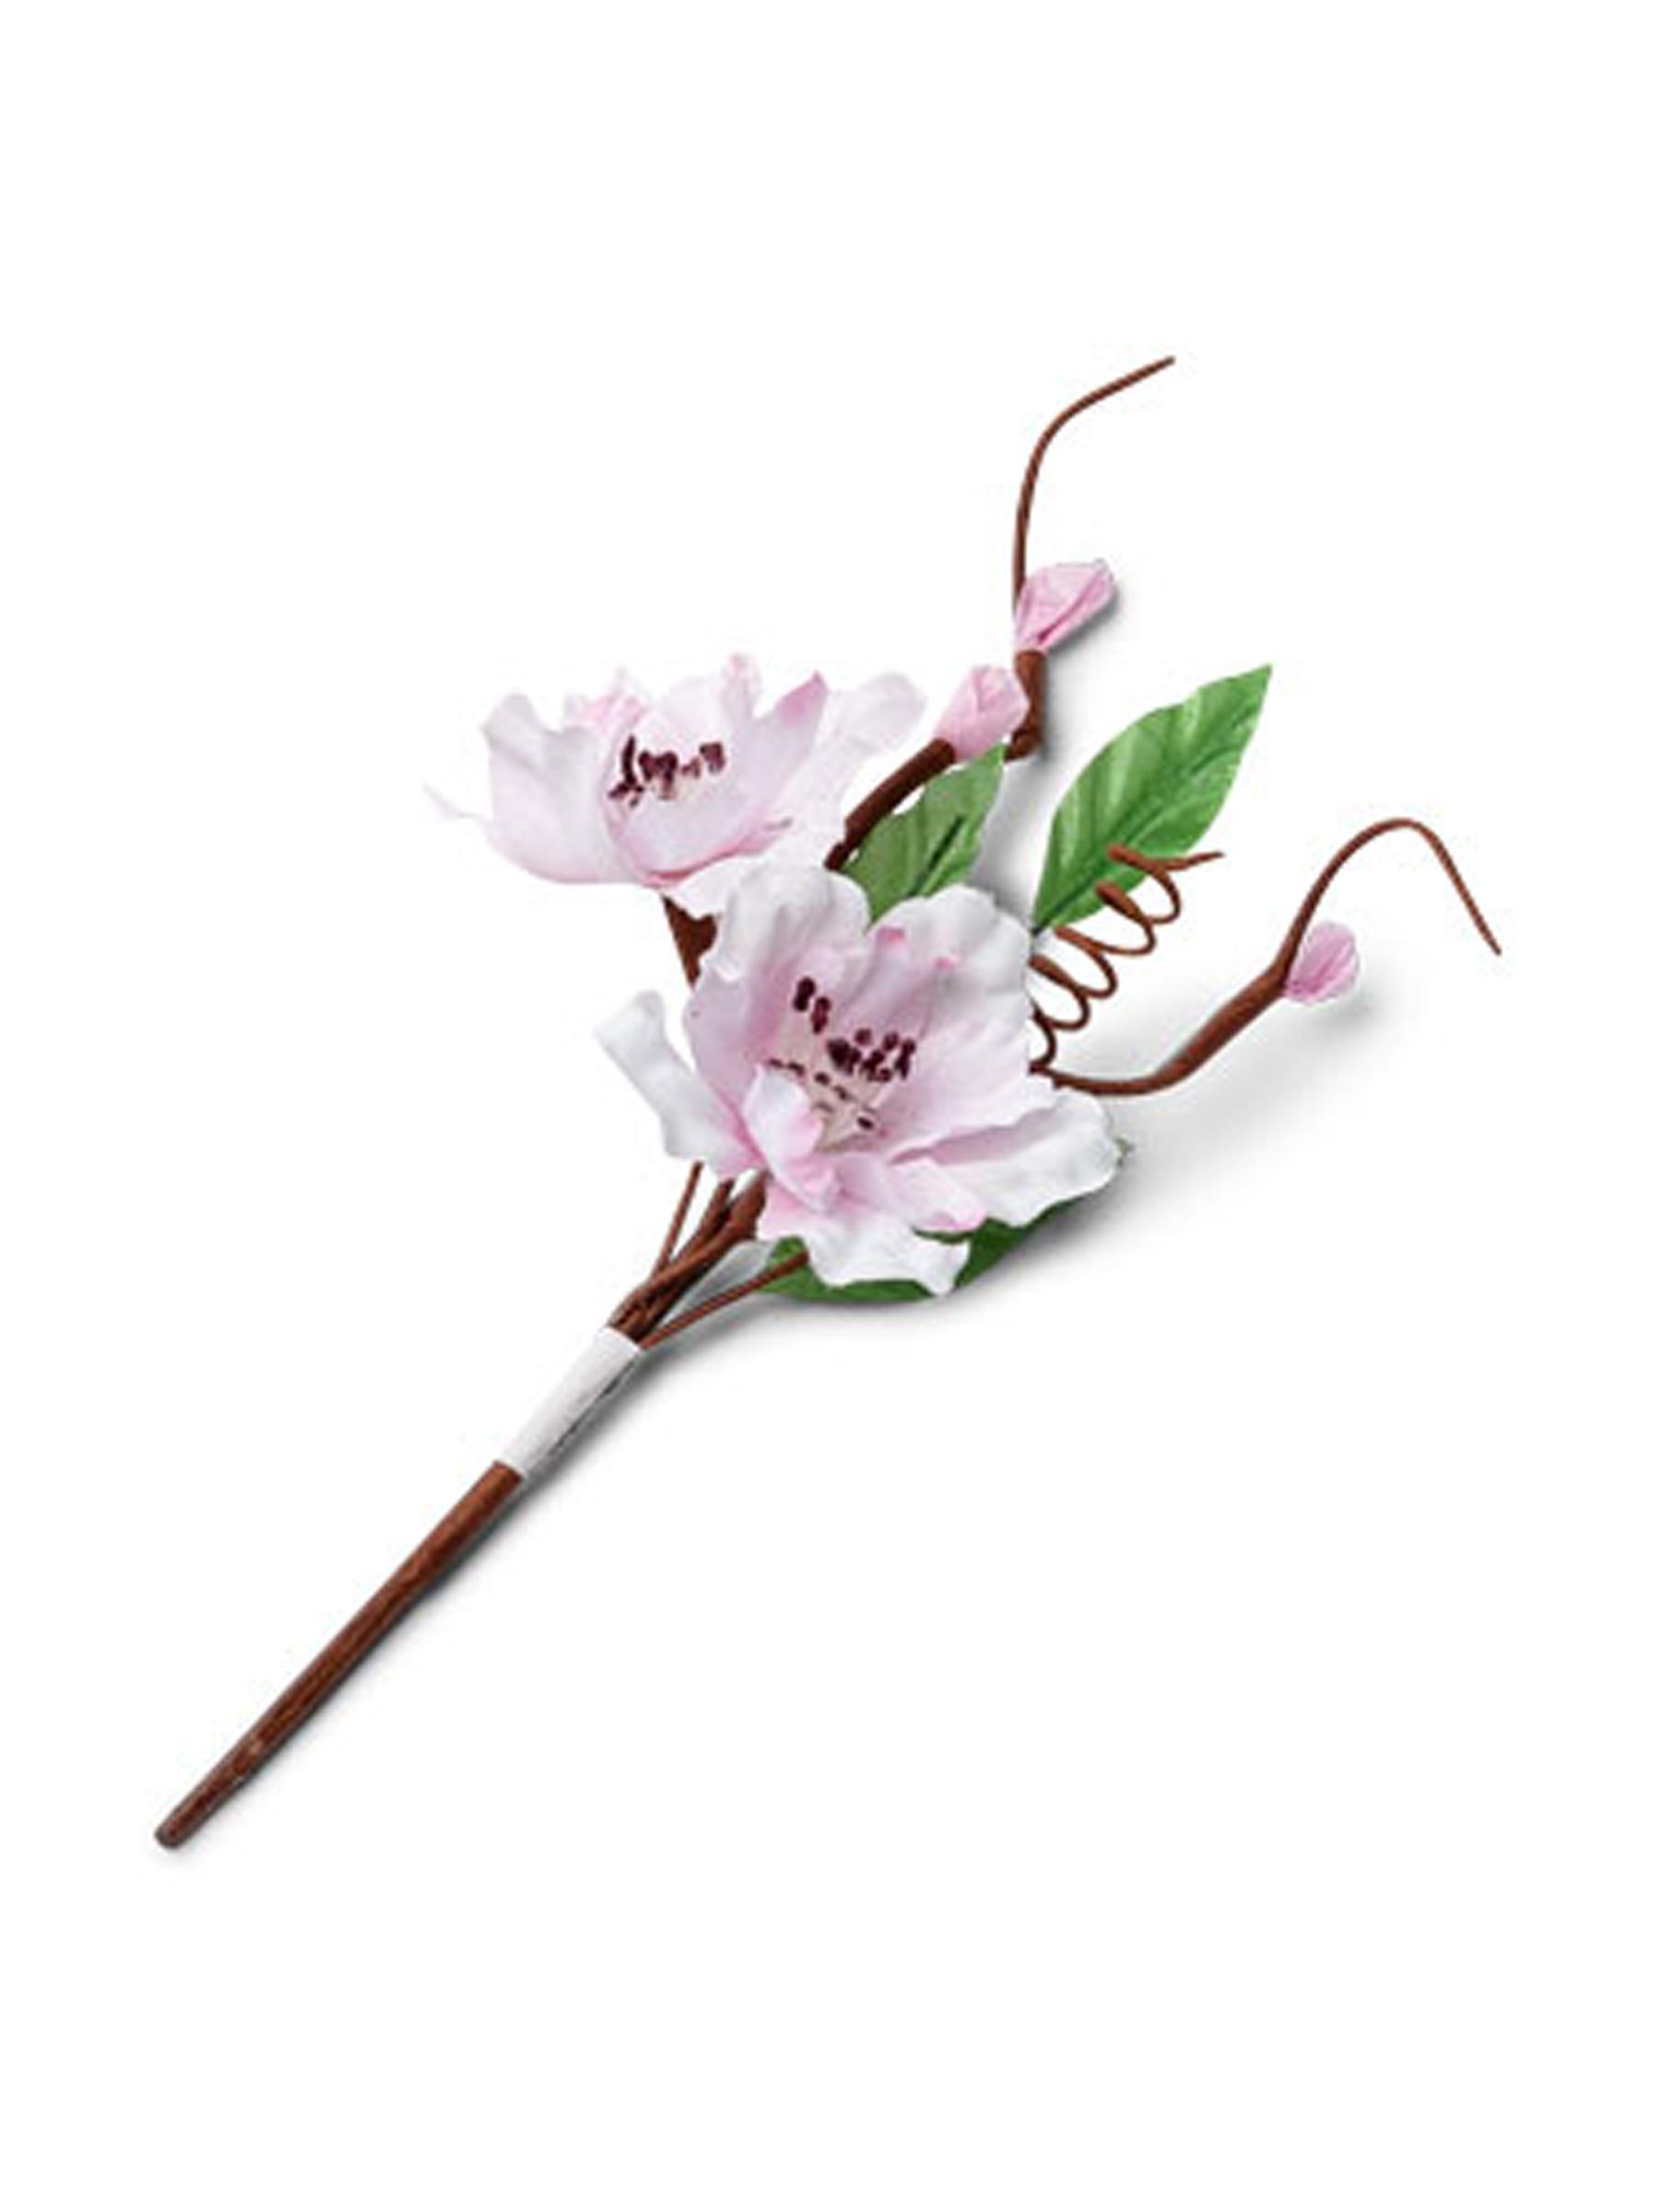 Branche De Cerisier mini branche de cerisier 16 cm, décoration anniversaire et fêtes à